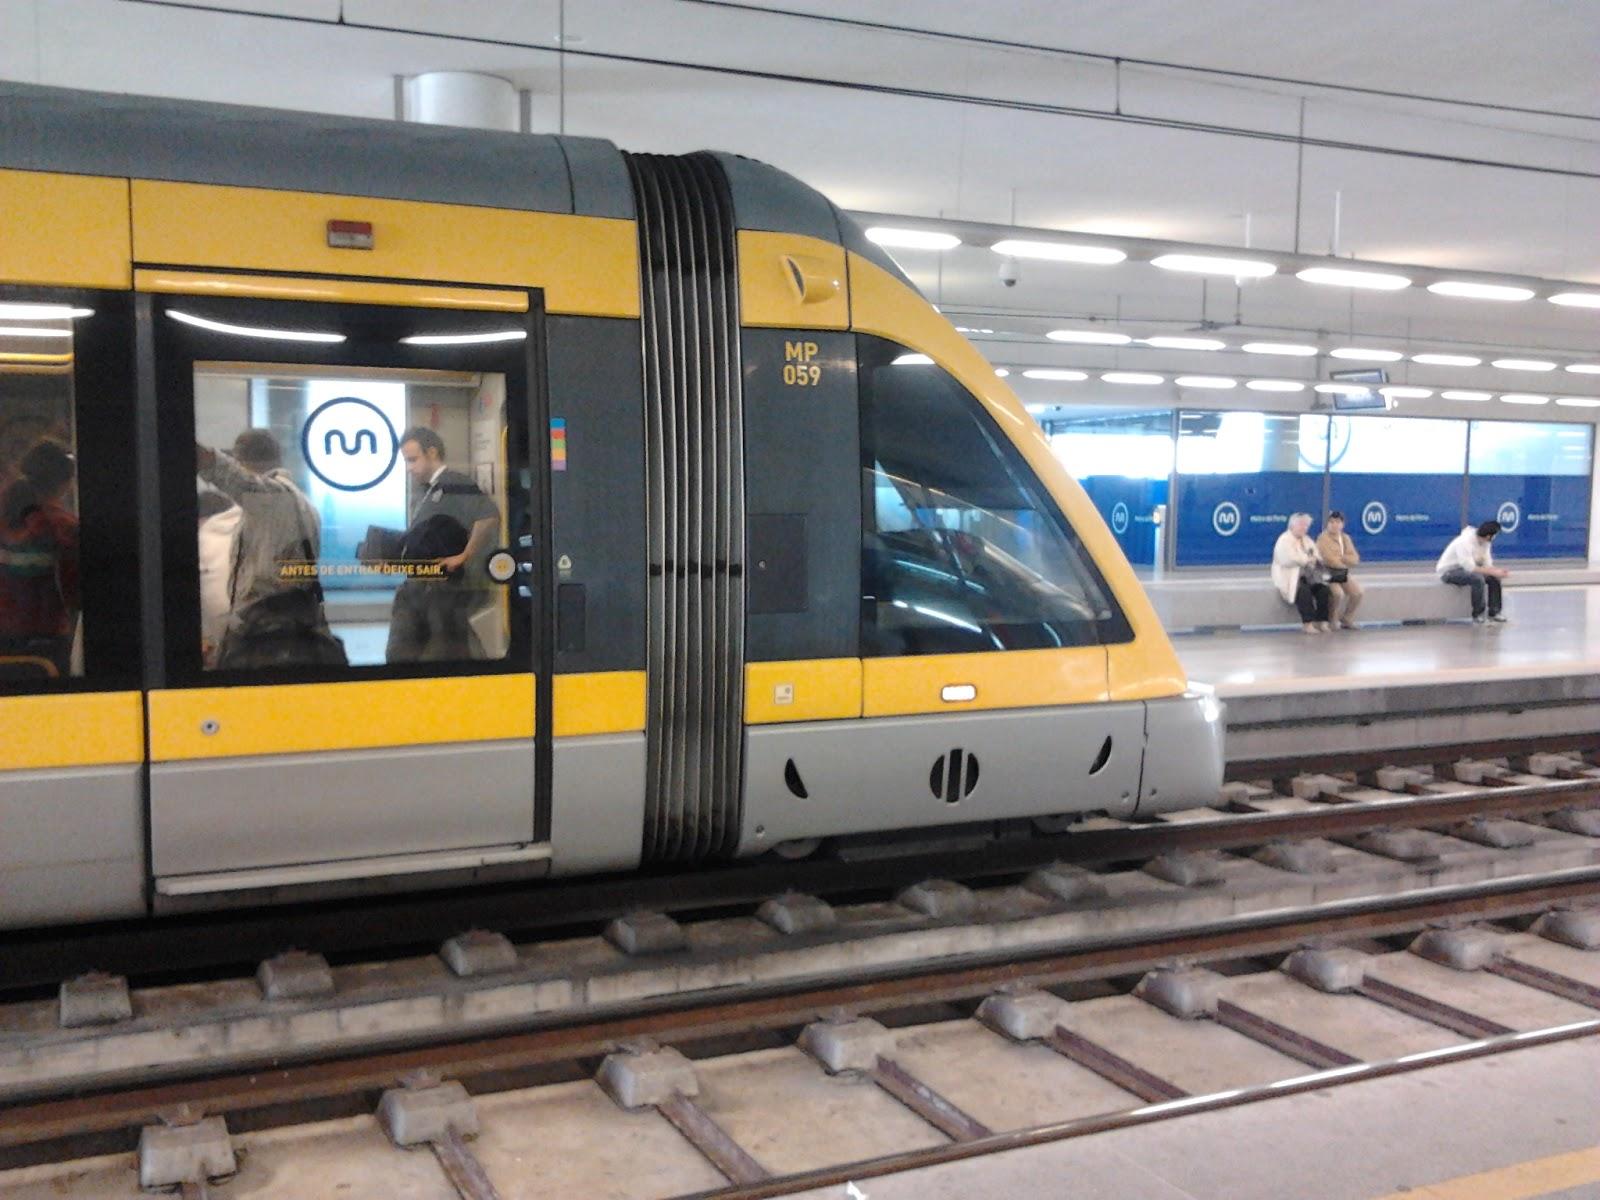 Privados na corrida por lucrativa exploração do Metro do Porto